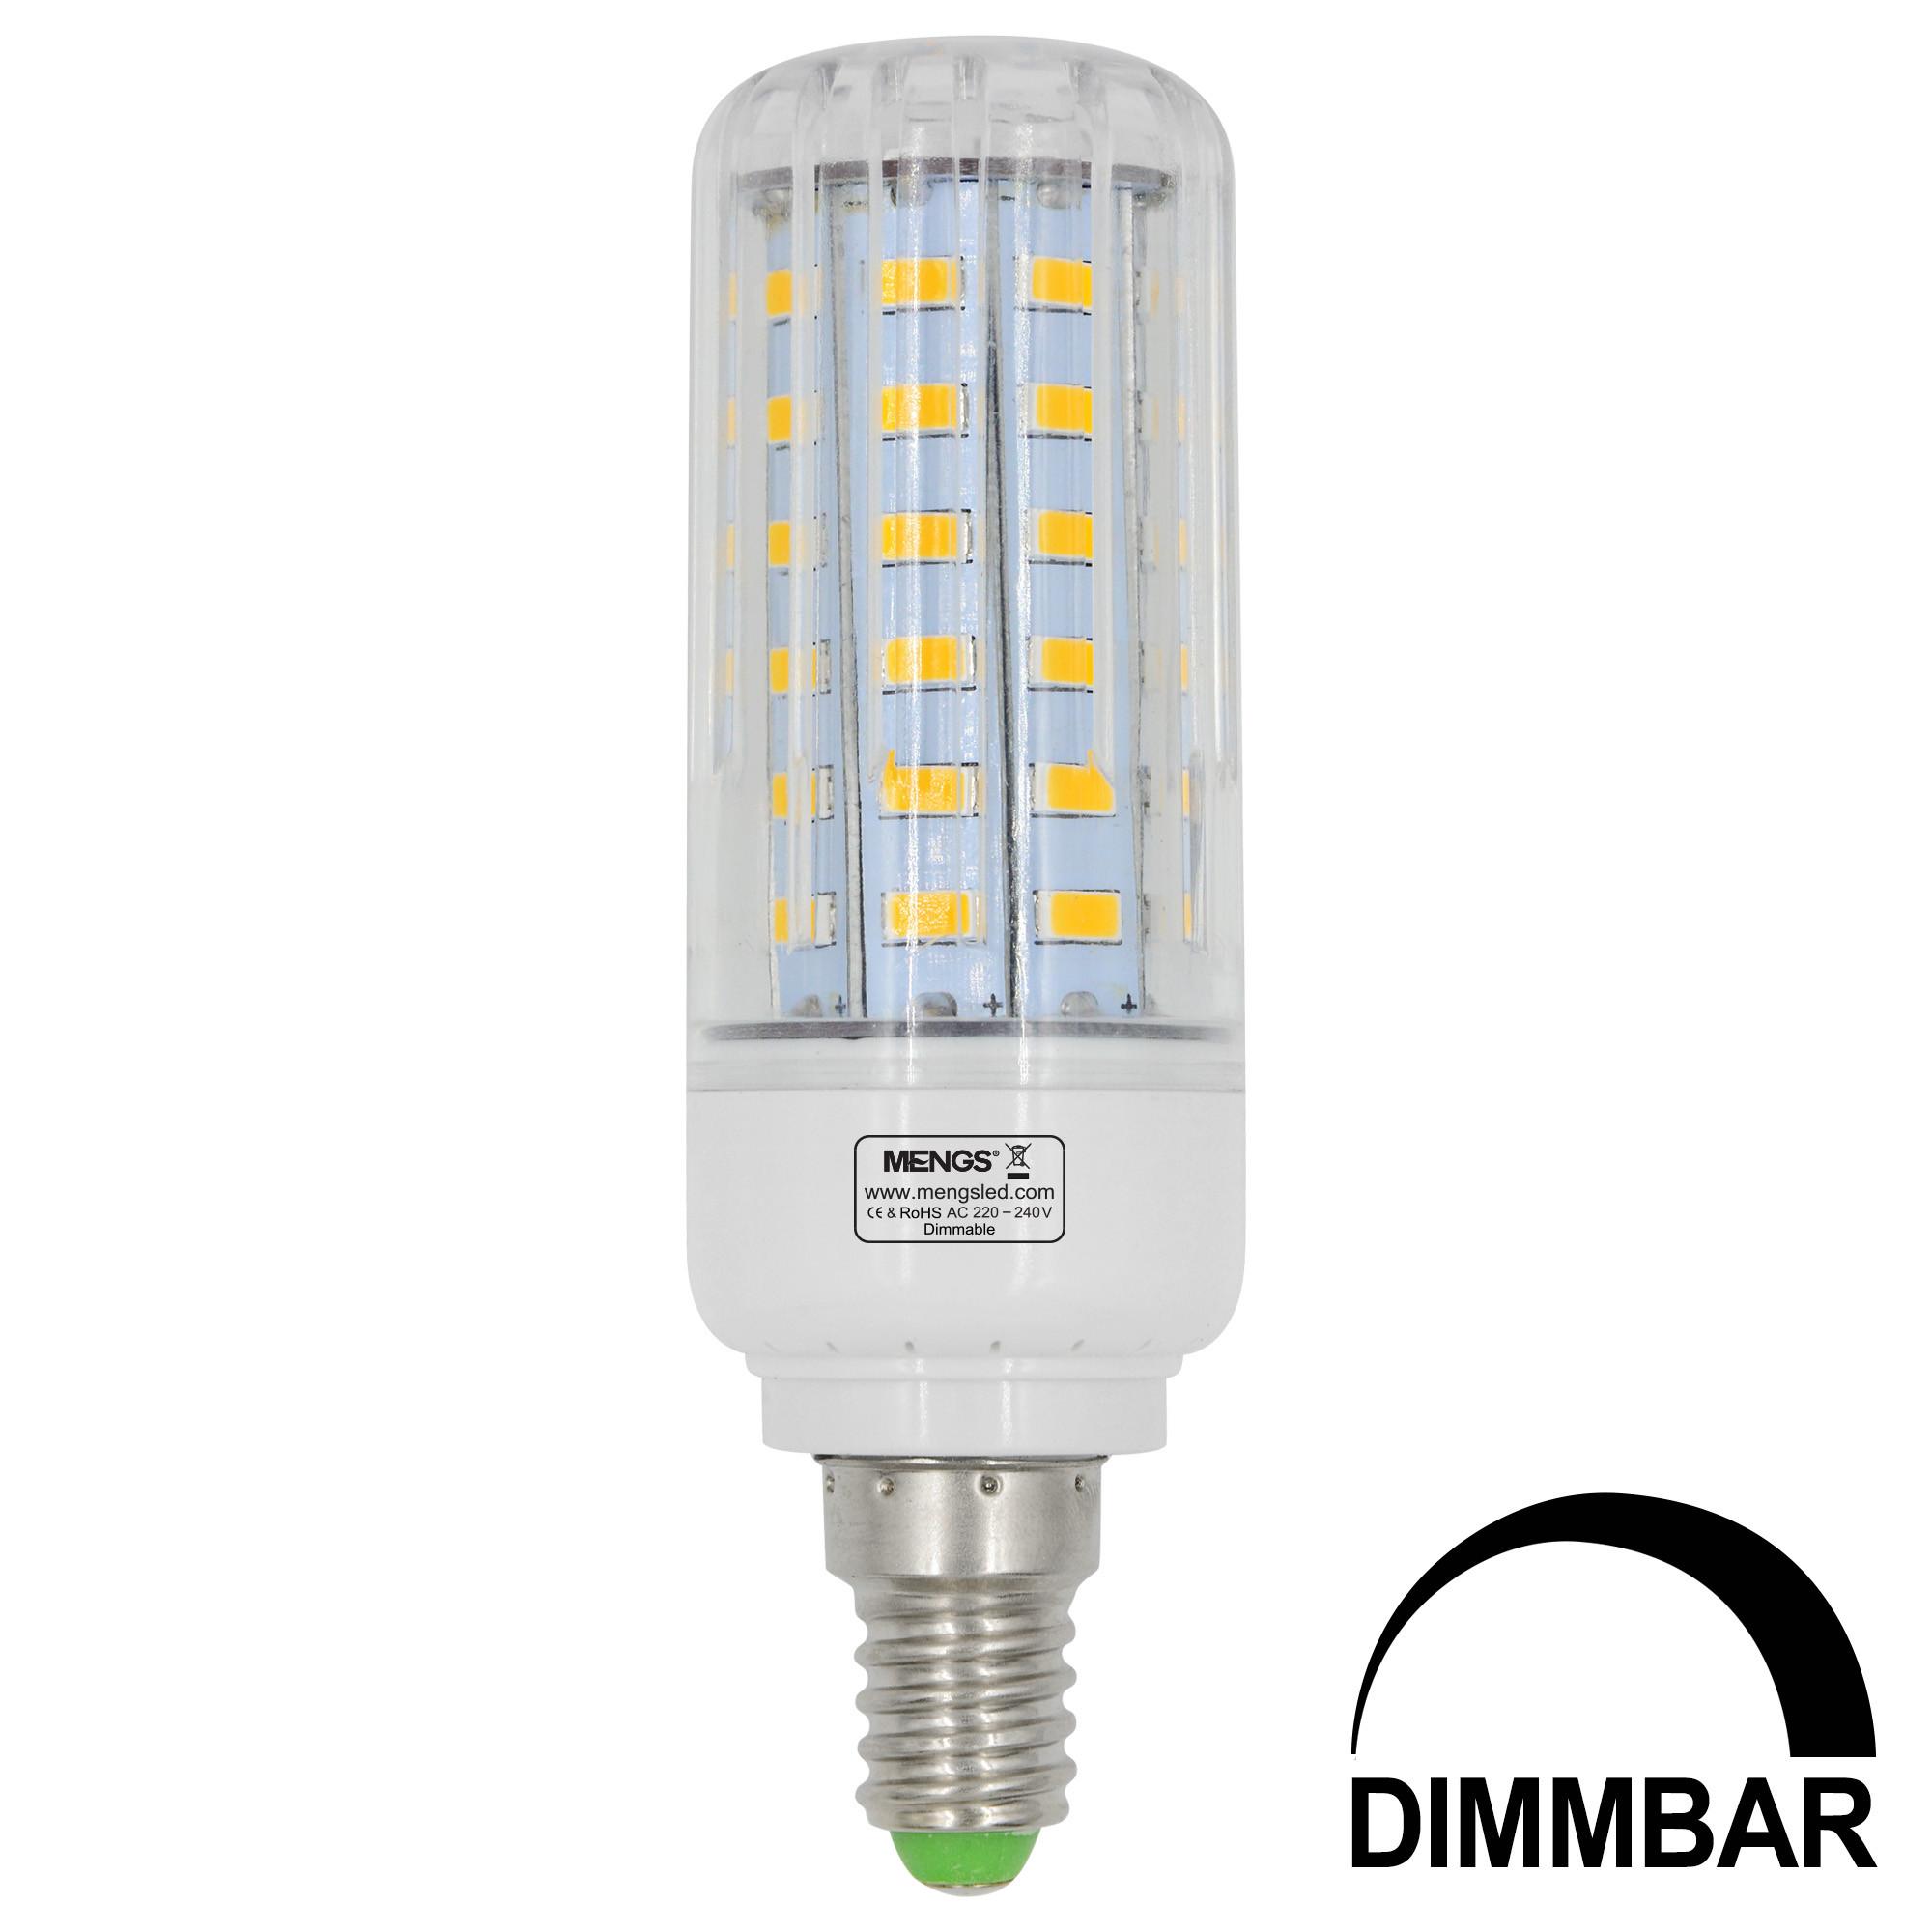 MENGS® E14 9W LED Dimmable Corn Light 60x 5736 SMD LED Bulb Lamp AC 220-240V In Cool White Energy-Saving Light